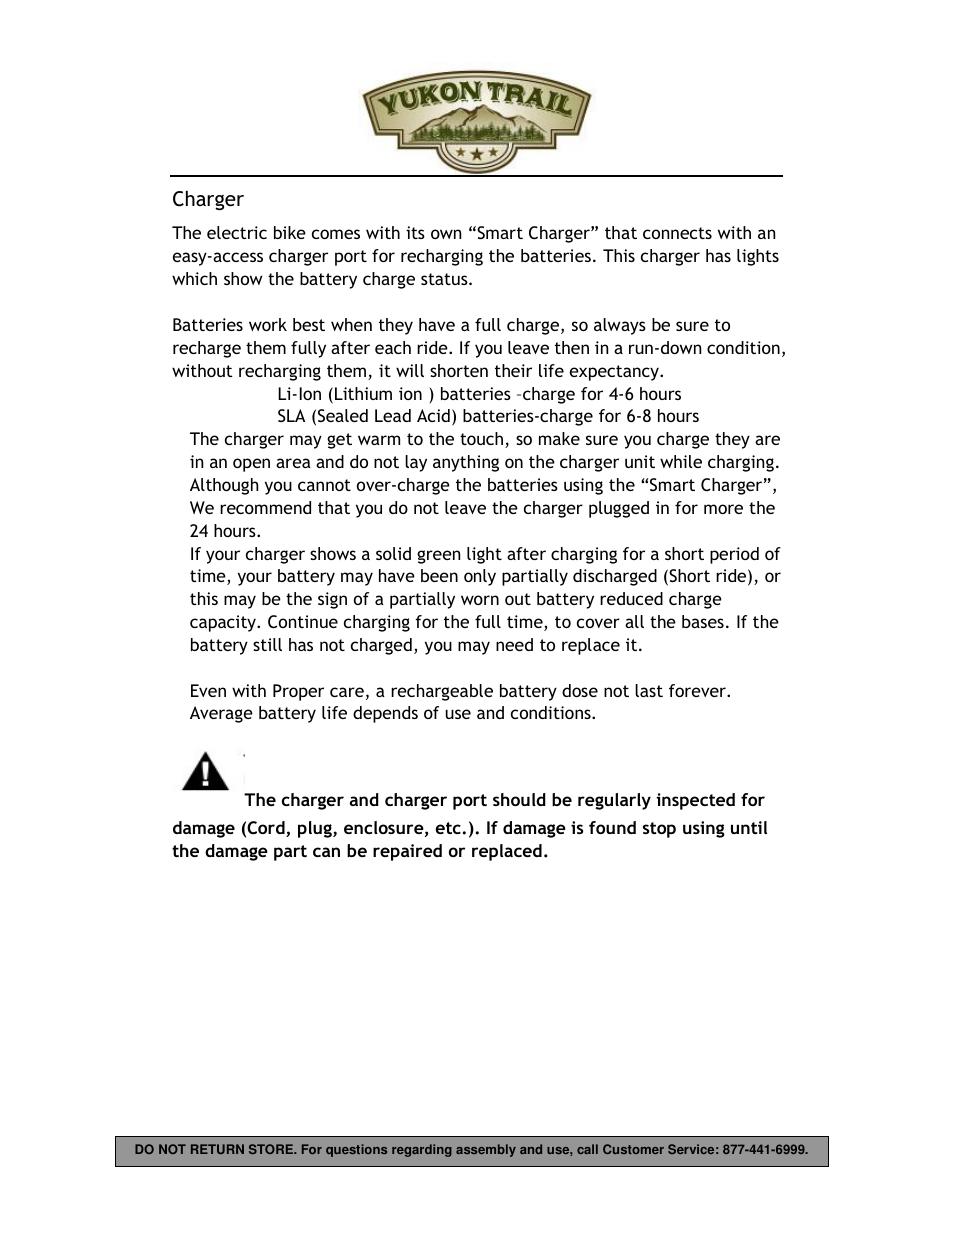 yukon trail dirt hawk 20 owners manual user manual page 18 33 rh manualsdir com Operators Manual Instruction Manual